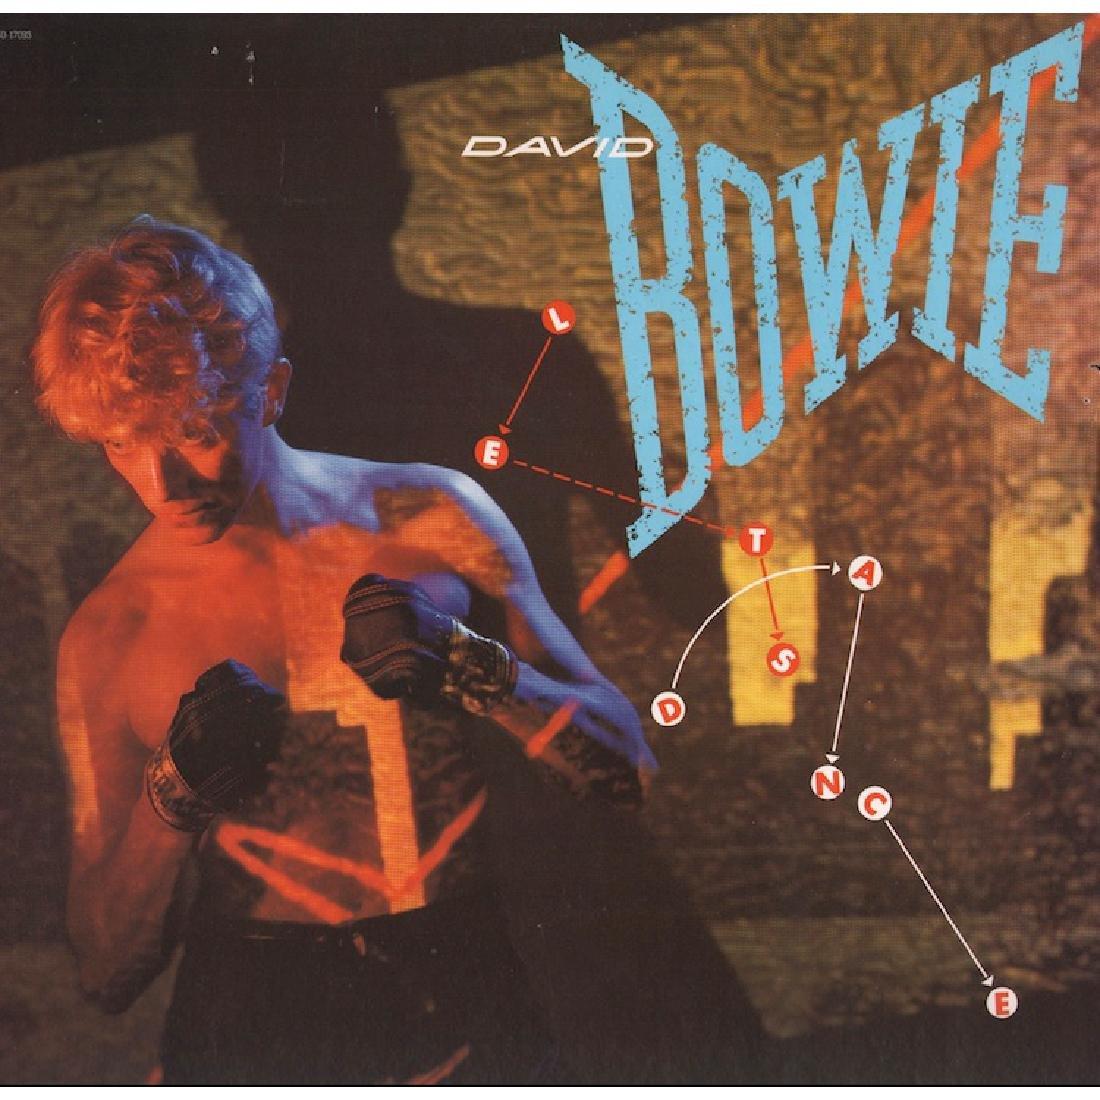 David Bowie - Let's Dance - 1983 Promotional Flat